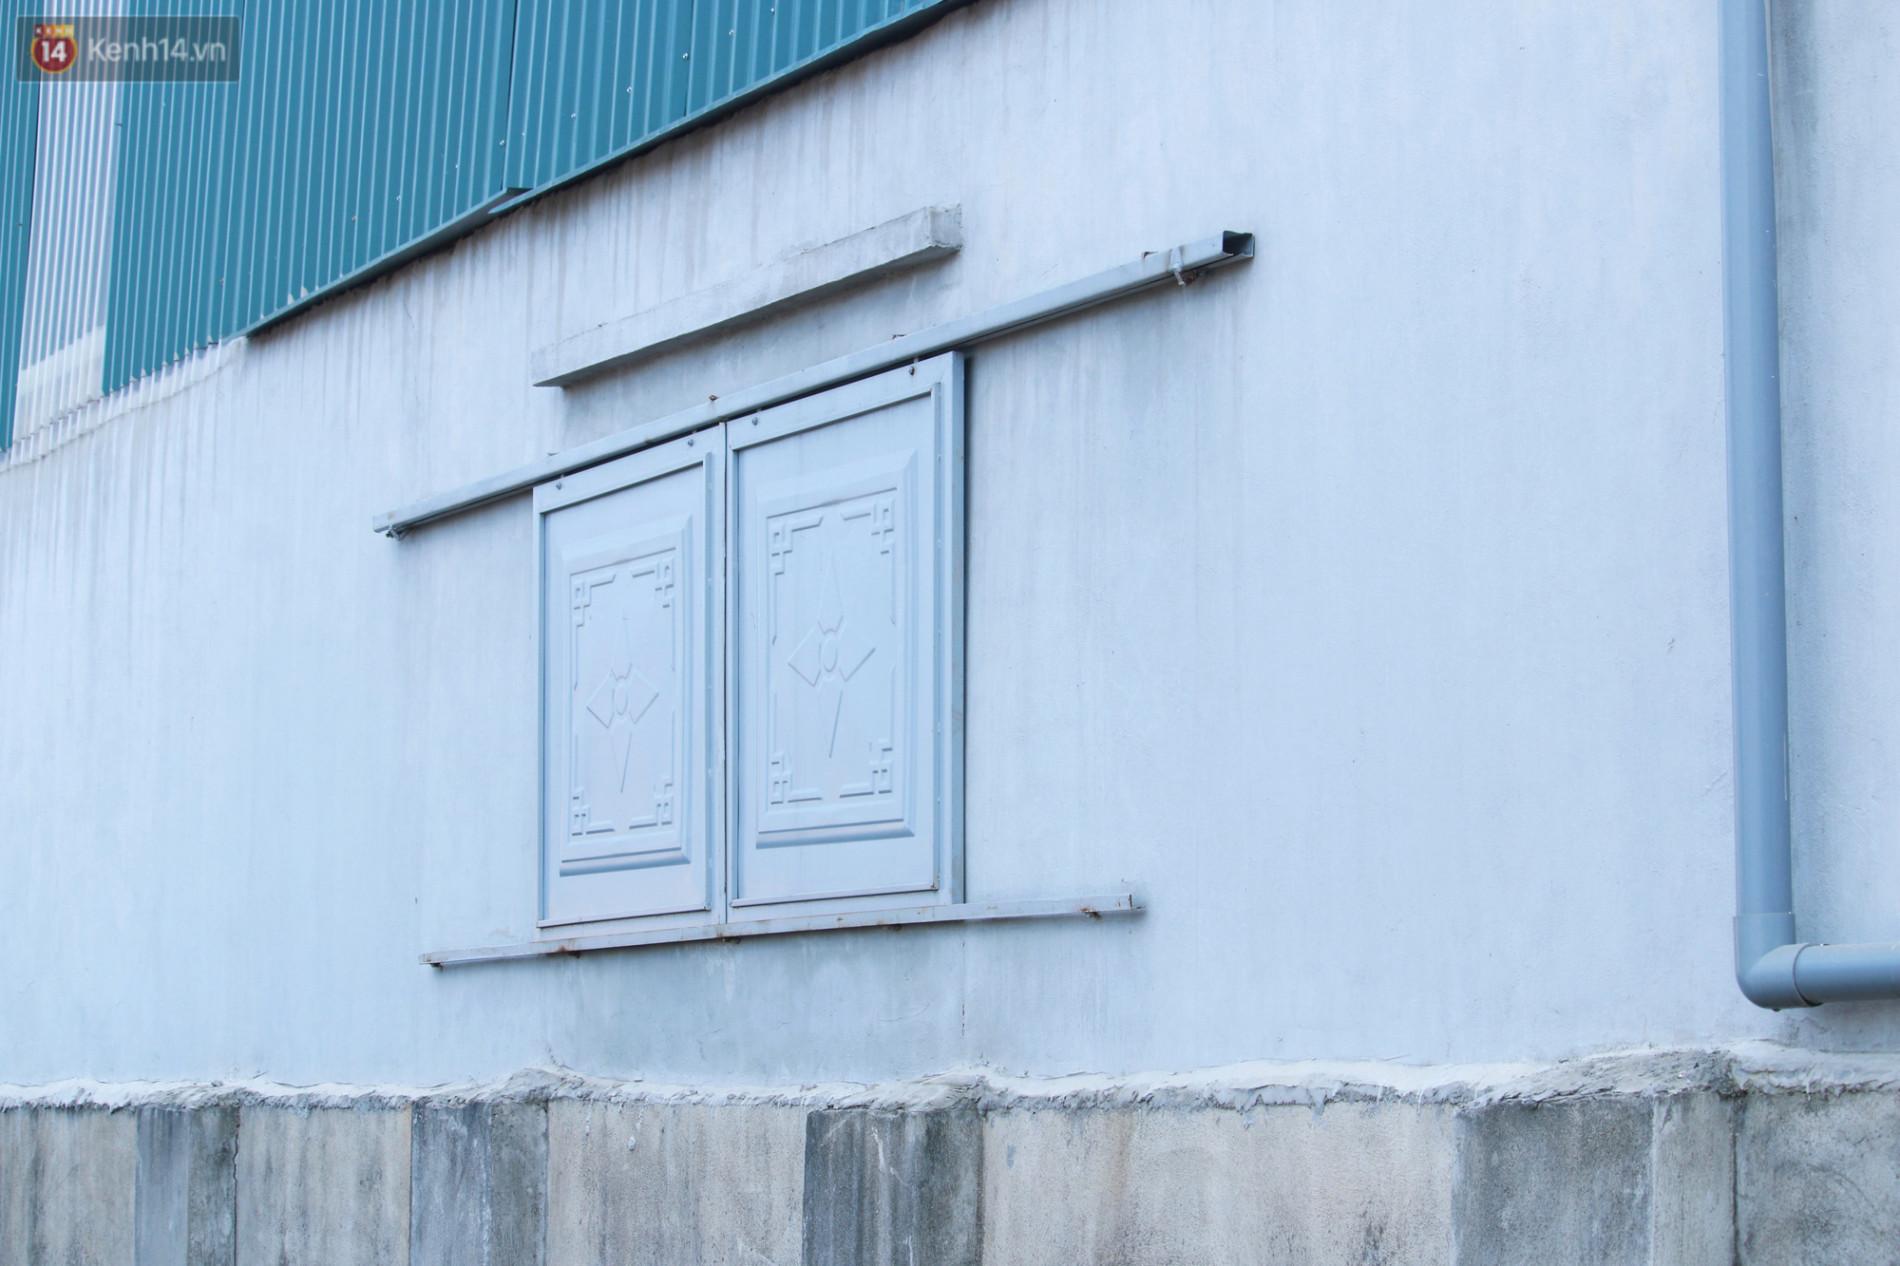 Người dân ngỡ ngàng khi biết sống cạnh kho ma túy ngụy trang trong dạ dày lợn: Xưởng lắp nhiều camera, không 1 khe hở, lúc nào cũng đóng cửa - Ảnh 6.